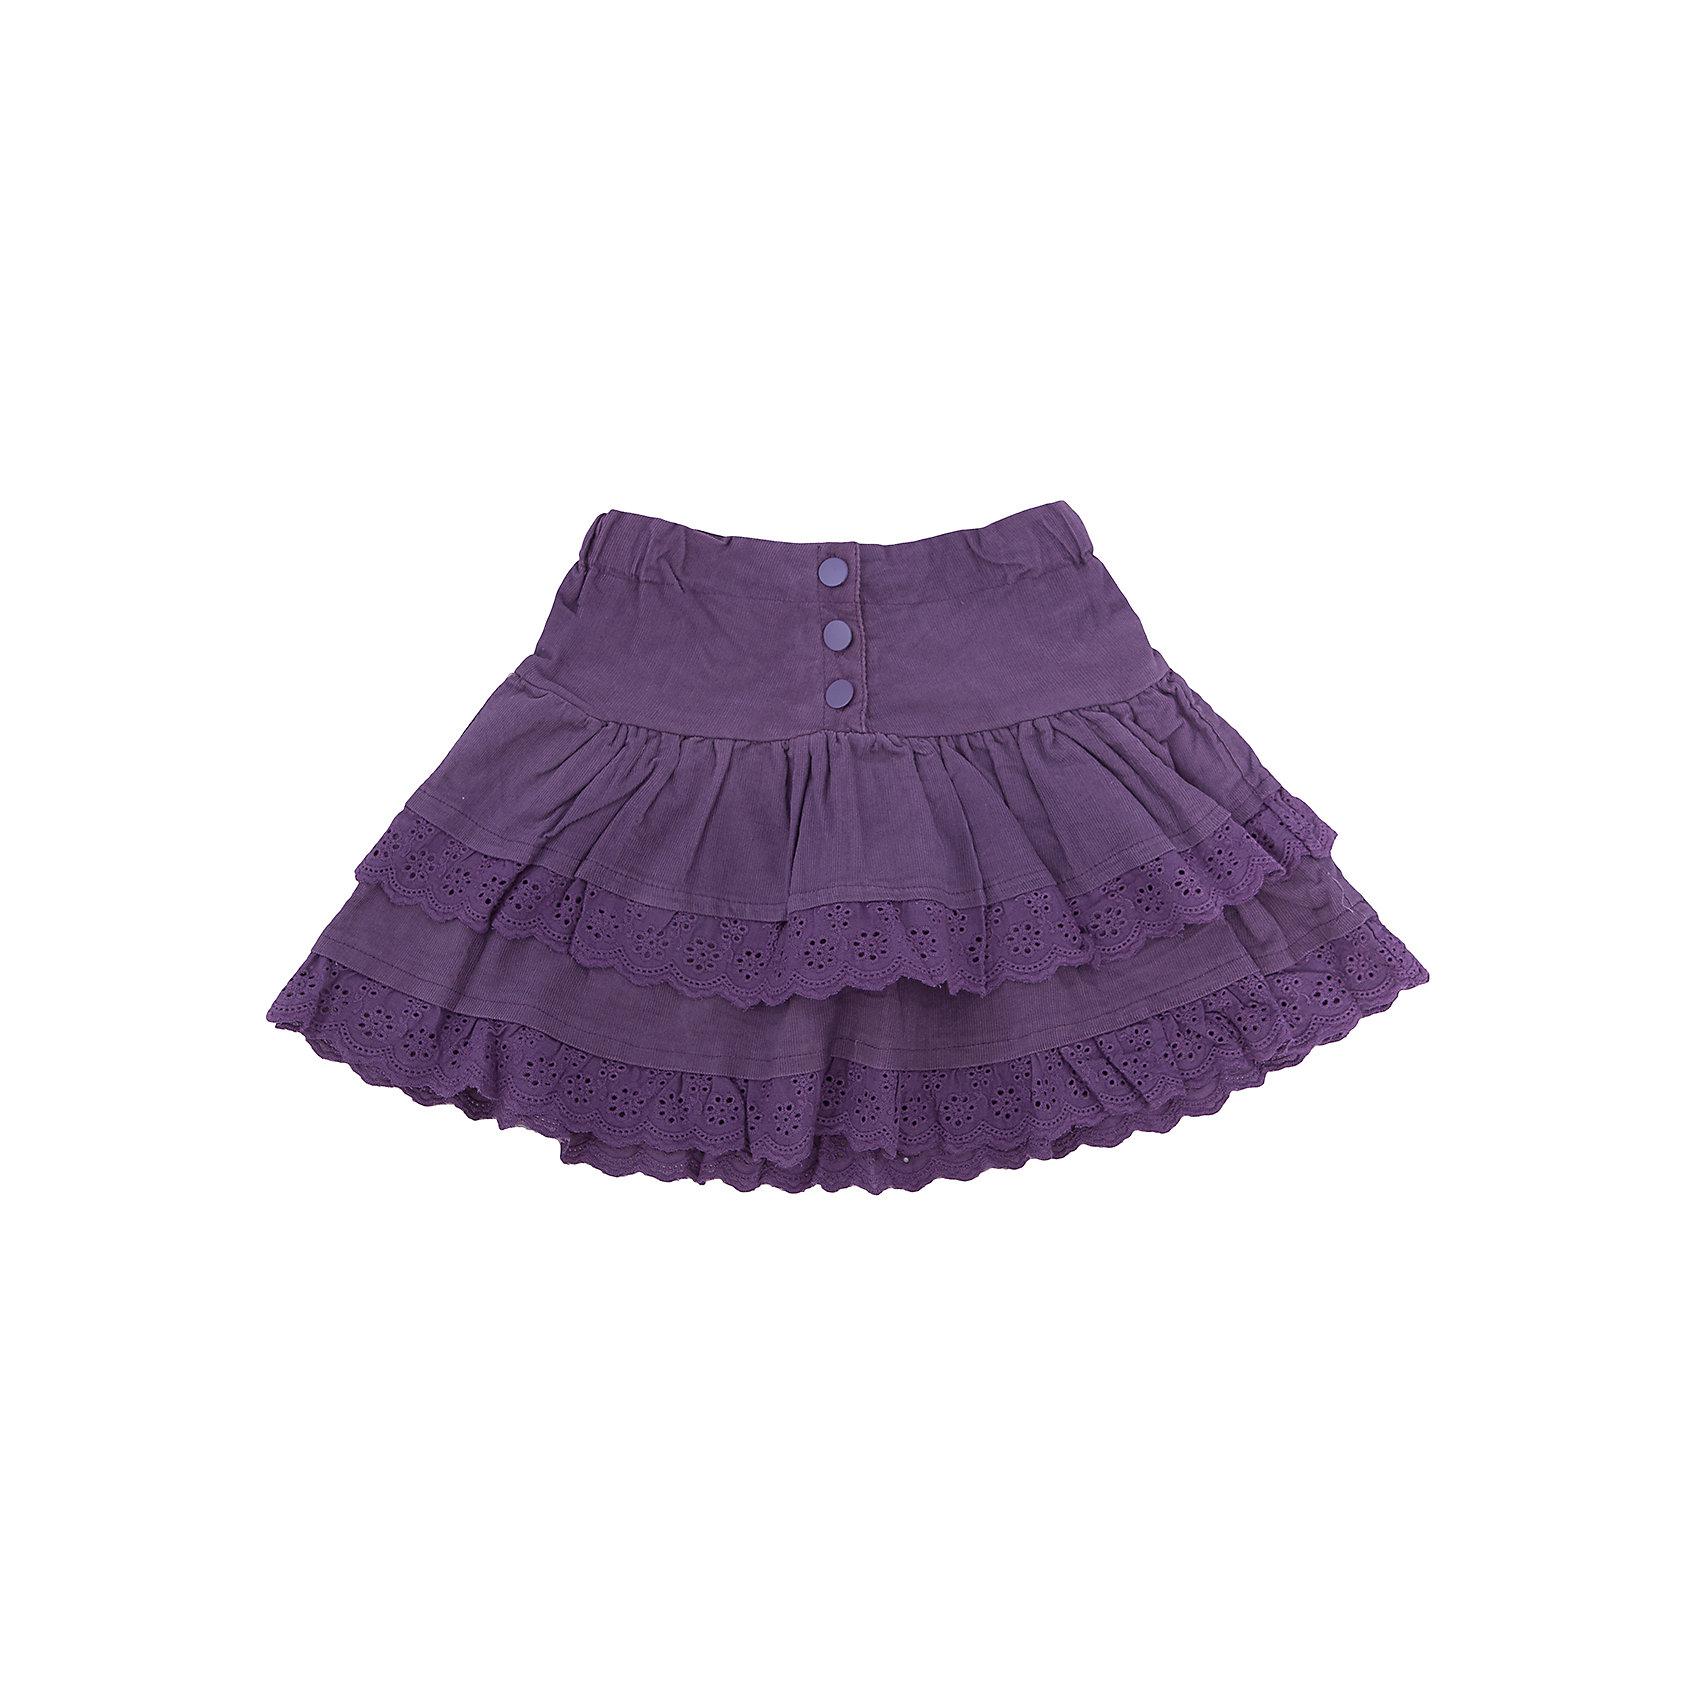 Юбка для девочки Sweet BerryЮбки<br>Эта юбка отличается модным дизайном с кружевом по краю подола. Удачный крой обеспечит ребенку комфорт и тепло. Плотный материал делает вещь идеальной для прохладной погоды. Она хорошо прилегает к телу там, где нужно, и отлично сидит на ребенке. Натуральный хлопок обеспечит коже возможность дышать и не вызовет аллергии. В поясе юбки - мягкая резинка.<br>Одежда от бренда Sweet Berry - это простой и выгодный способ одеть ребенка удобно и стильно. Всё изделия тщательно проработаны: швы - прочные, материал - качественный, фурнитура - подобранная специально для детей.<br><br>Дополнительная информация:<br><br>цвет: фиолетовый;<br>состав: 100% хлопок (микровельвет);<br>в поясе - мягкая резинка, кружево по краю подола.<br><br>Юбку для девочки от бренда Sweet Berry можно купить в нашем интернет-магазине.<br><br>Ширина мм: 207<br>Глубина мм: 10<br>Высота мм: 189<br>Вес г: 183<br>Цвет: лиловый<br>Возраст от месяцев: 24<br>Возраст до месяцев: 36<br>Пол: Женский<br>Возраст: Детский<br>Размер: 98,104,110,116,122,128<br>SKU: 4931722